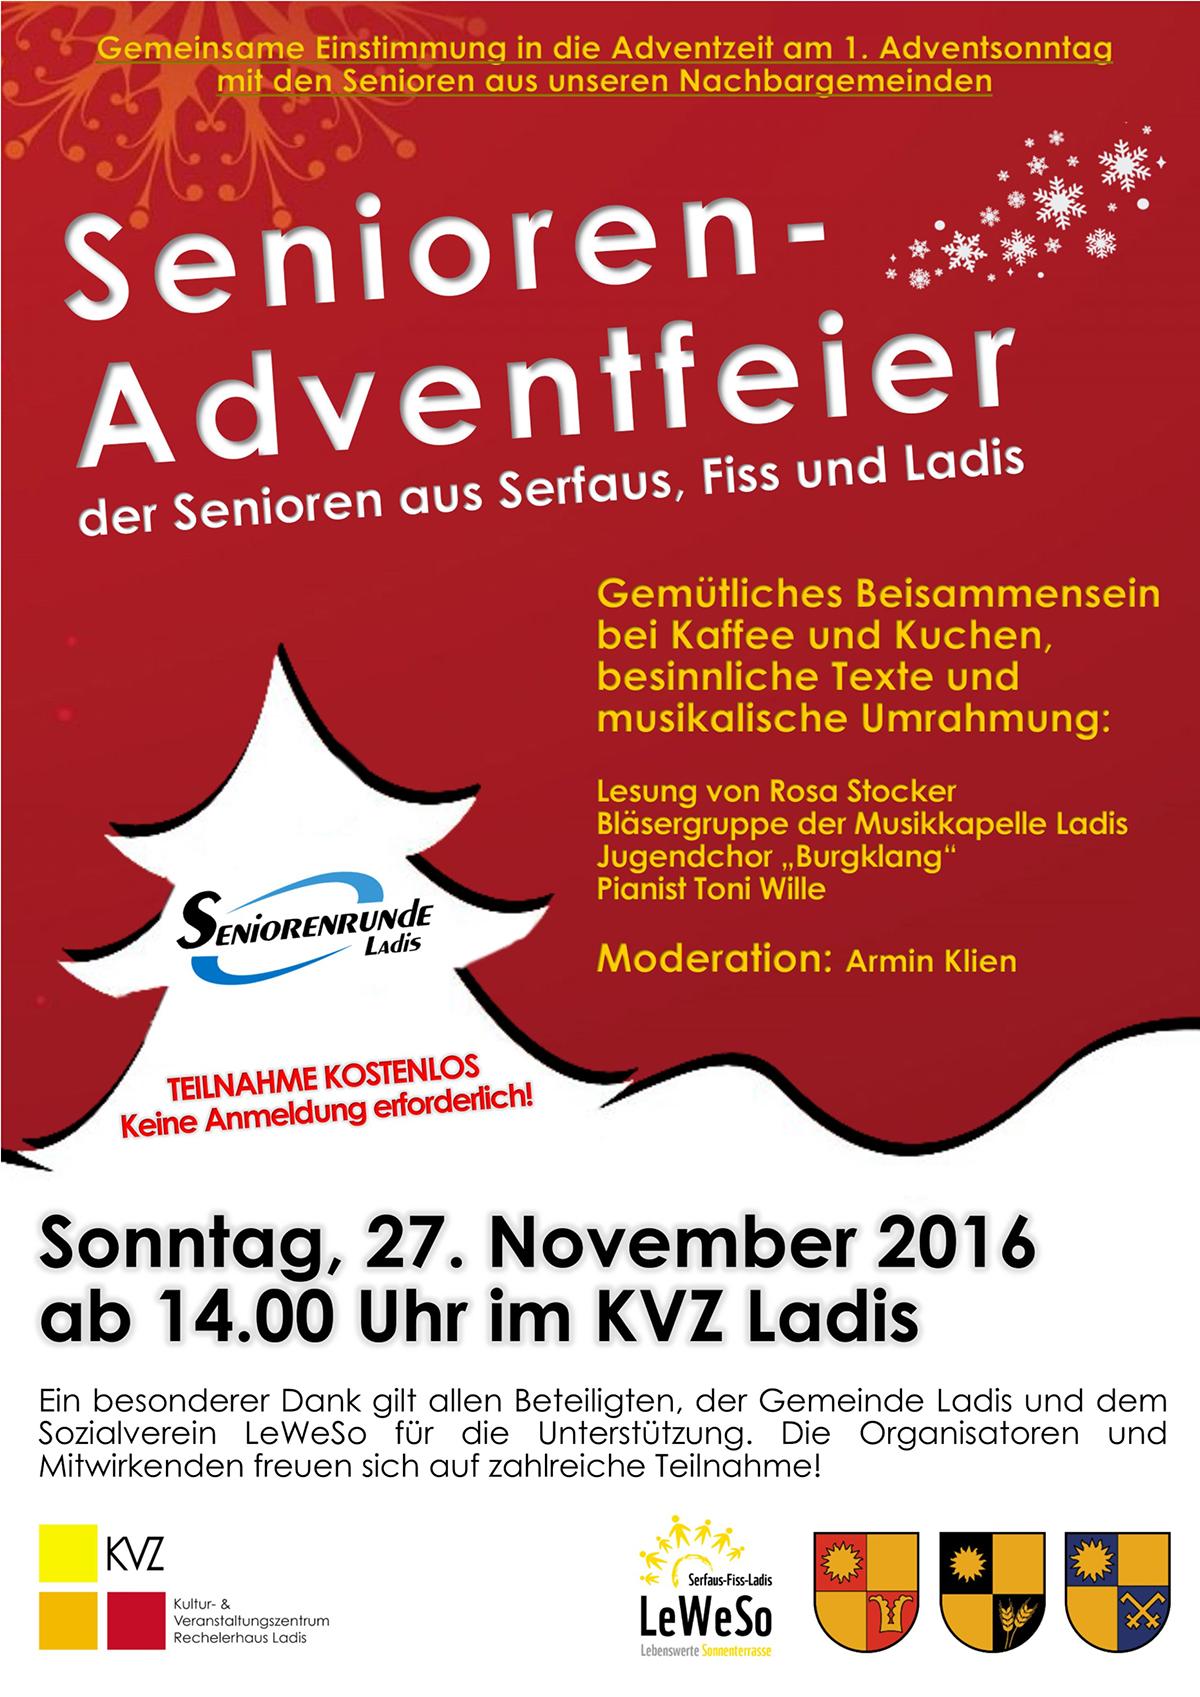 Plakat Senioren-Adventfeier